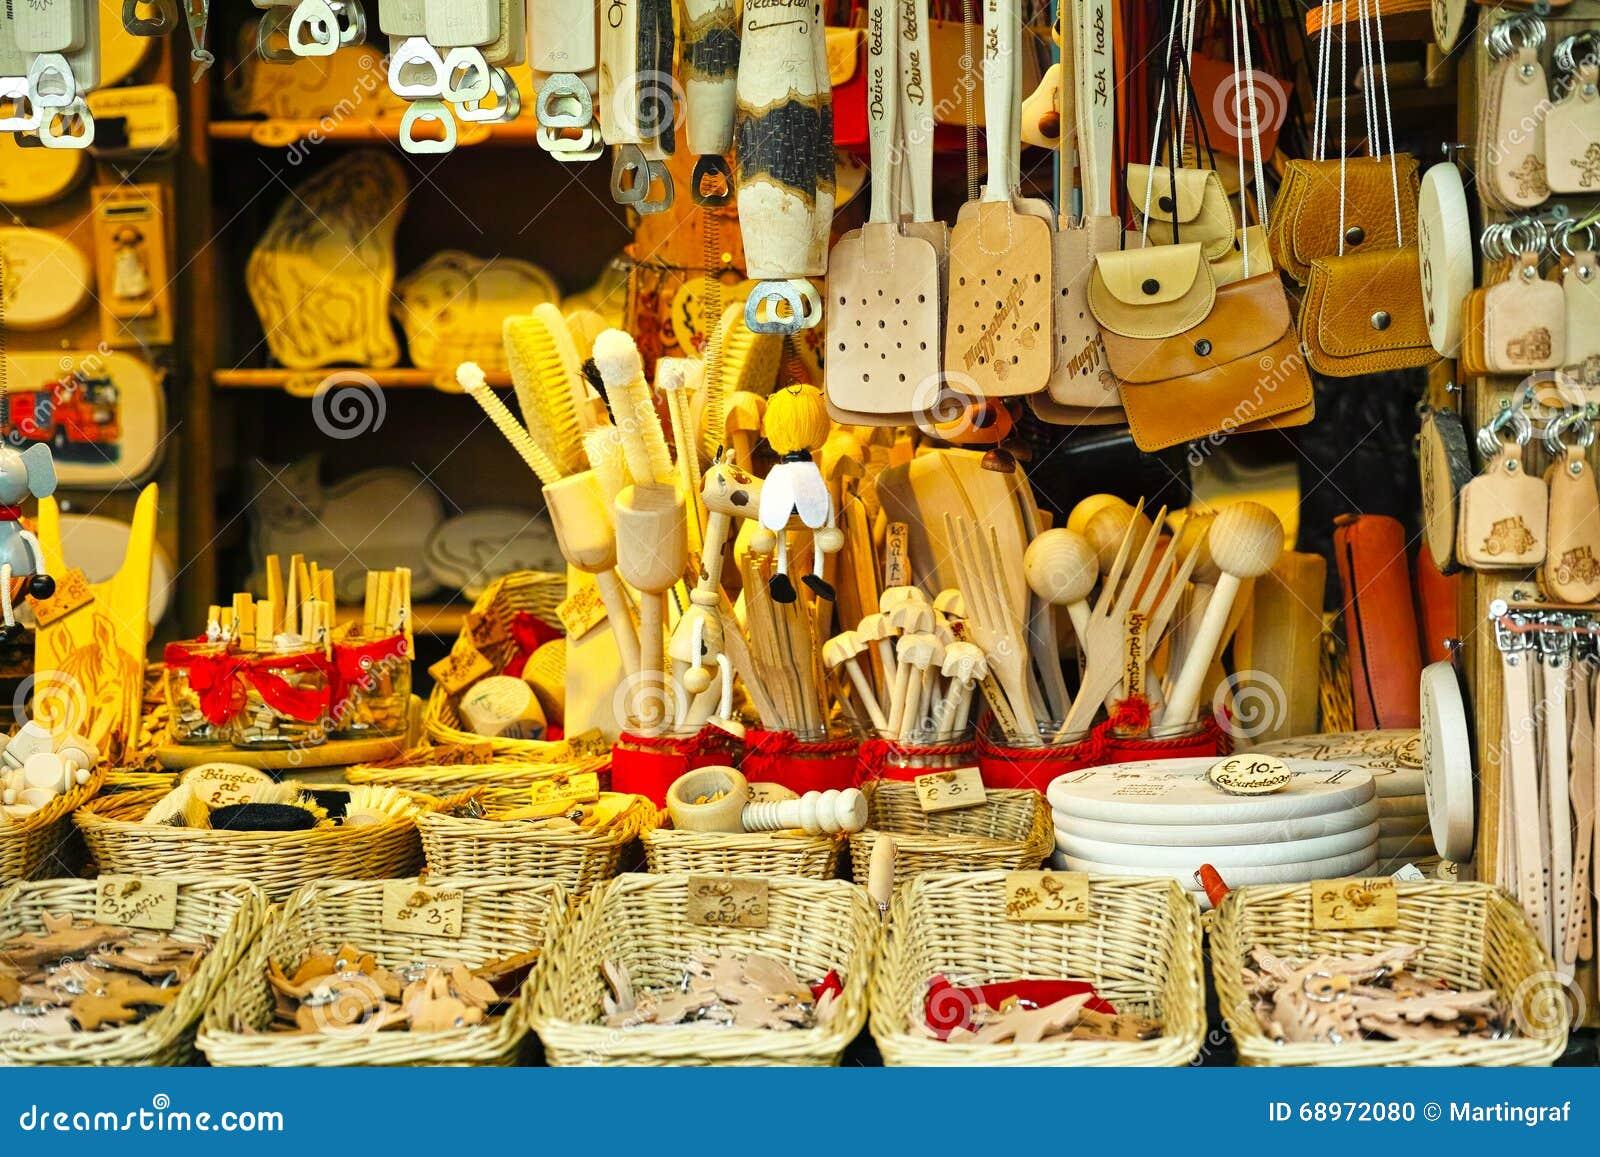 Утвари кухни стойла рынка и кожаные товары